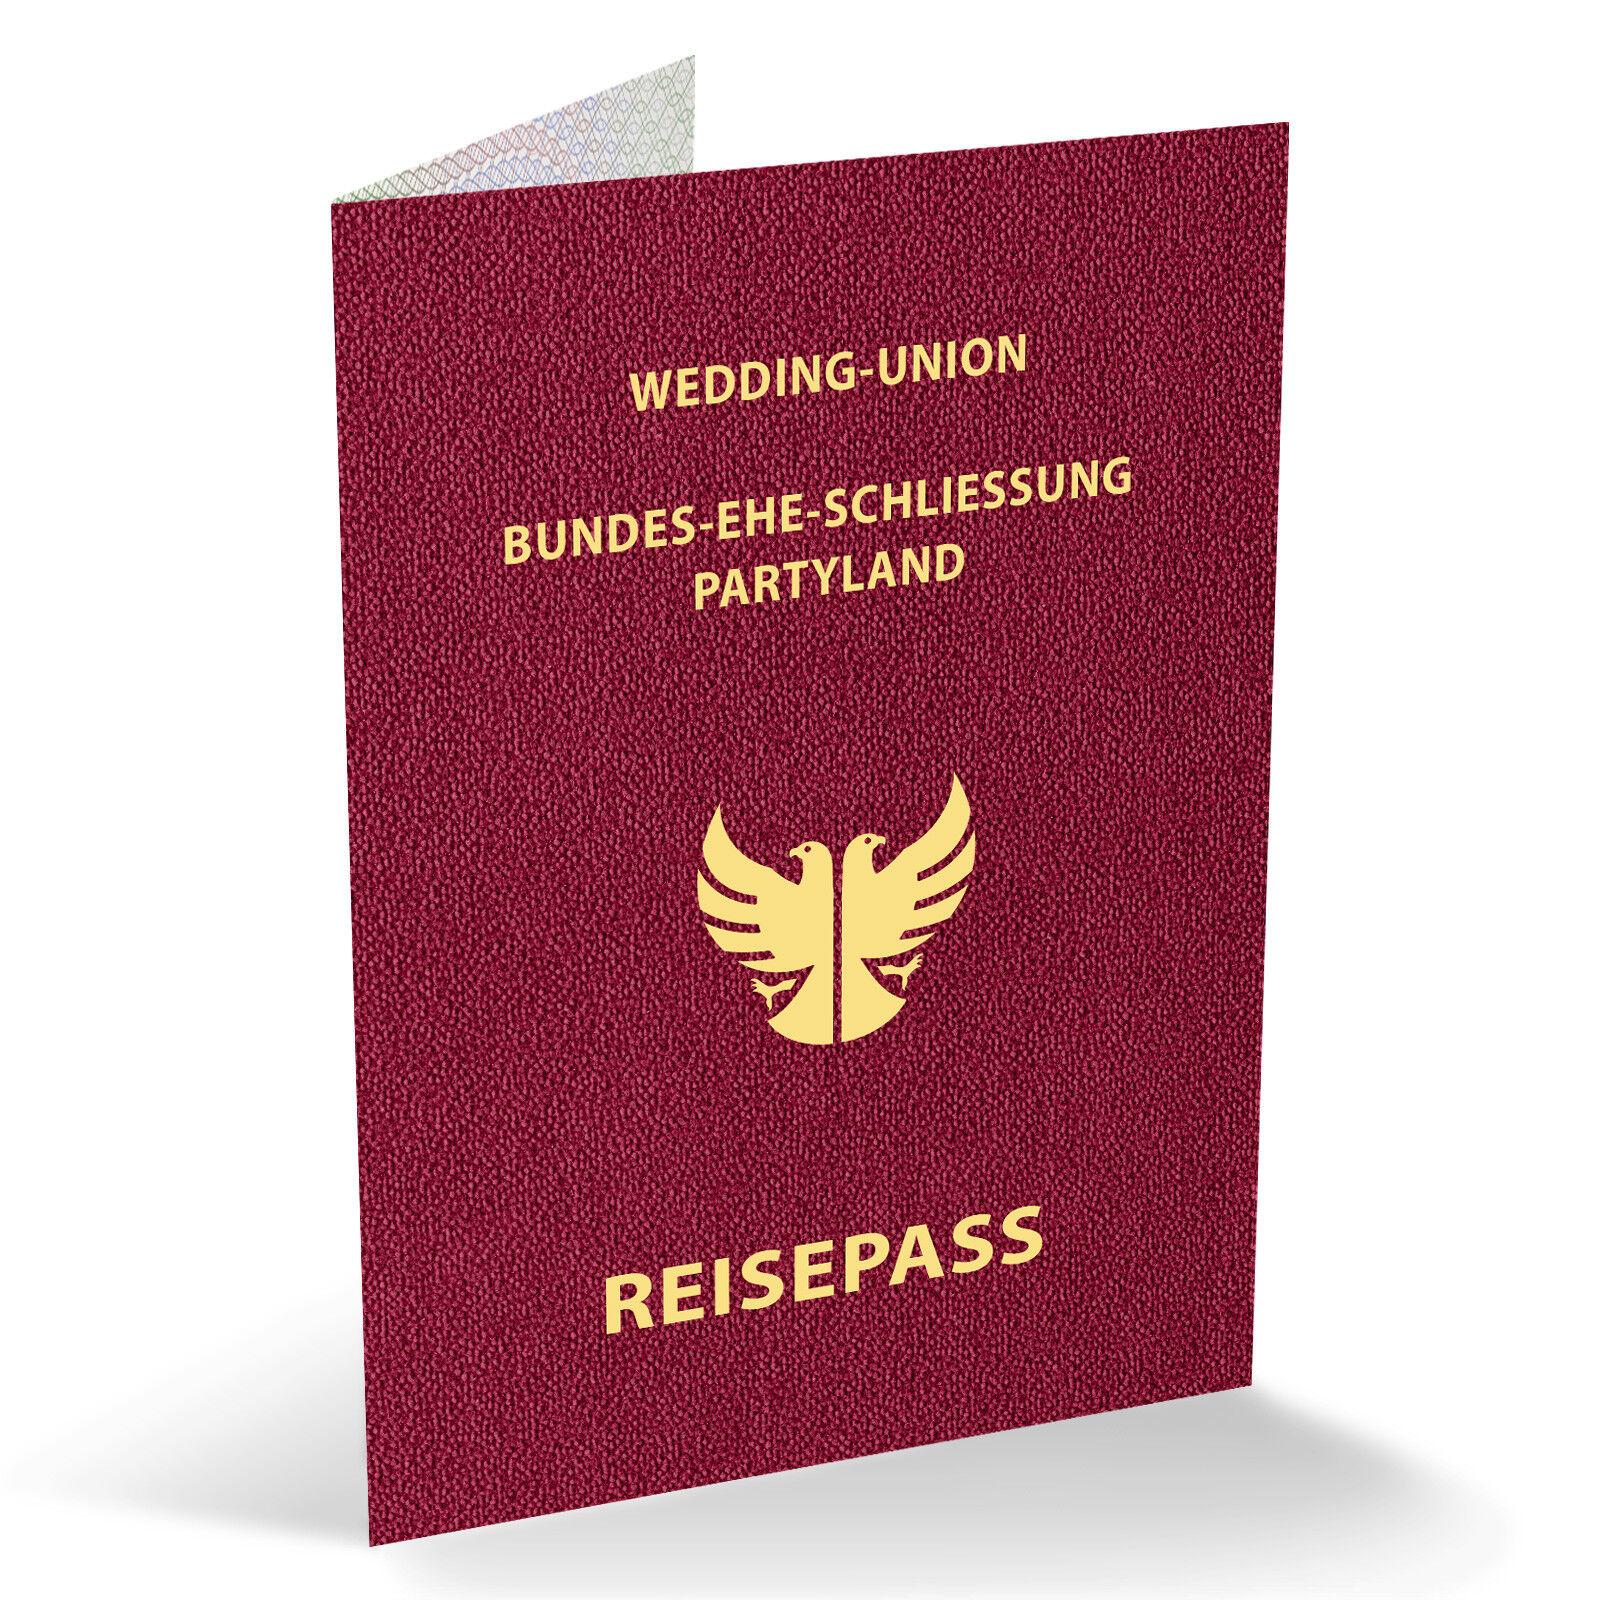 Save The Date Einladungen als Reisepass Ausweis Passport Partypass Klappkarten   | Fuxin  | Feinbearbeitung